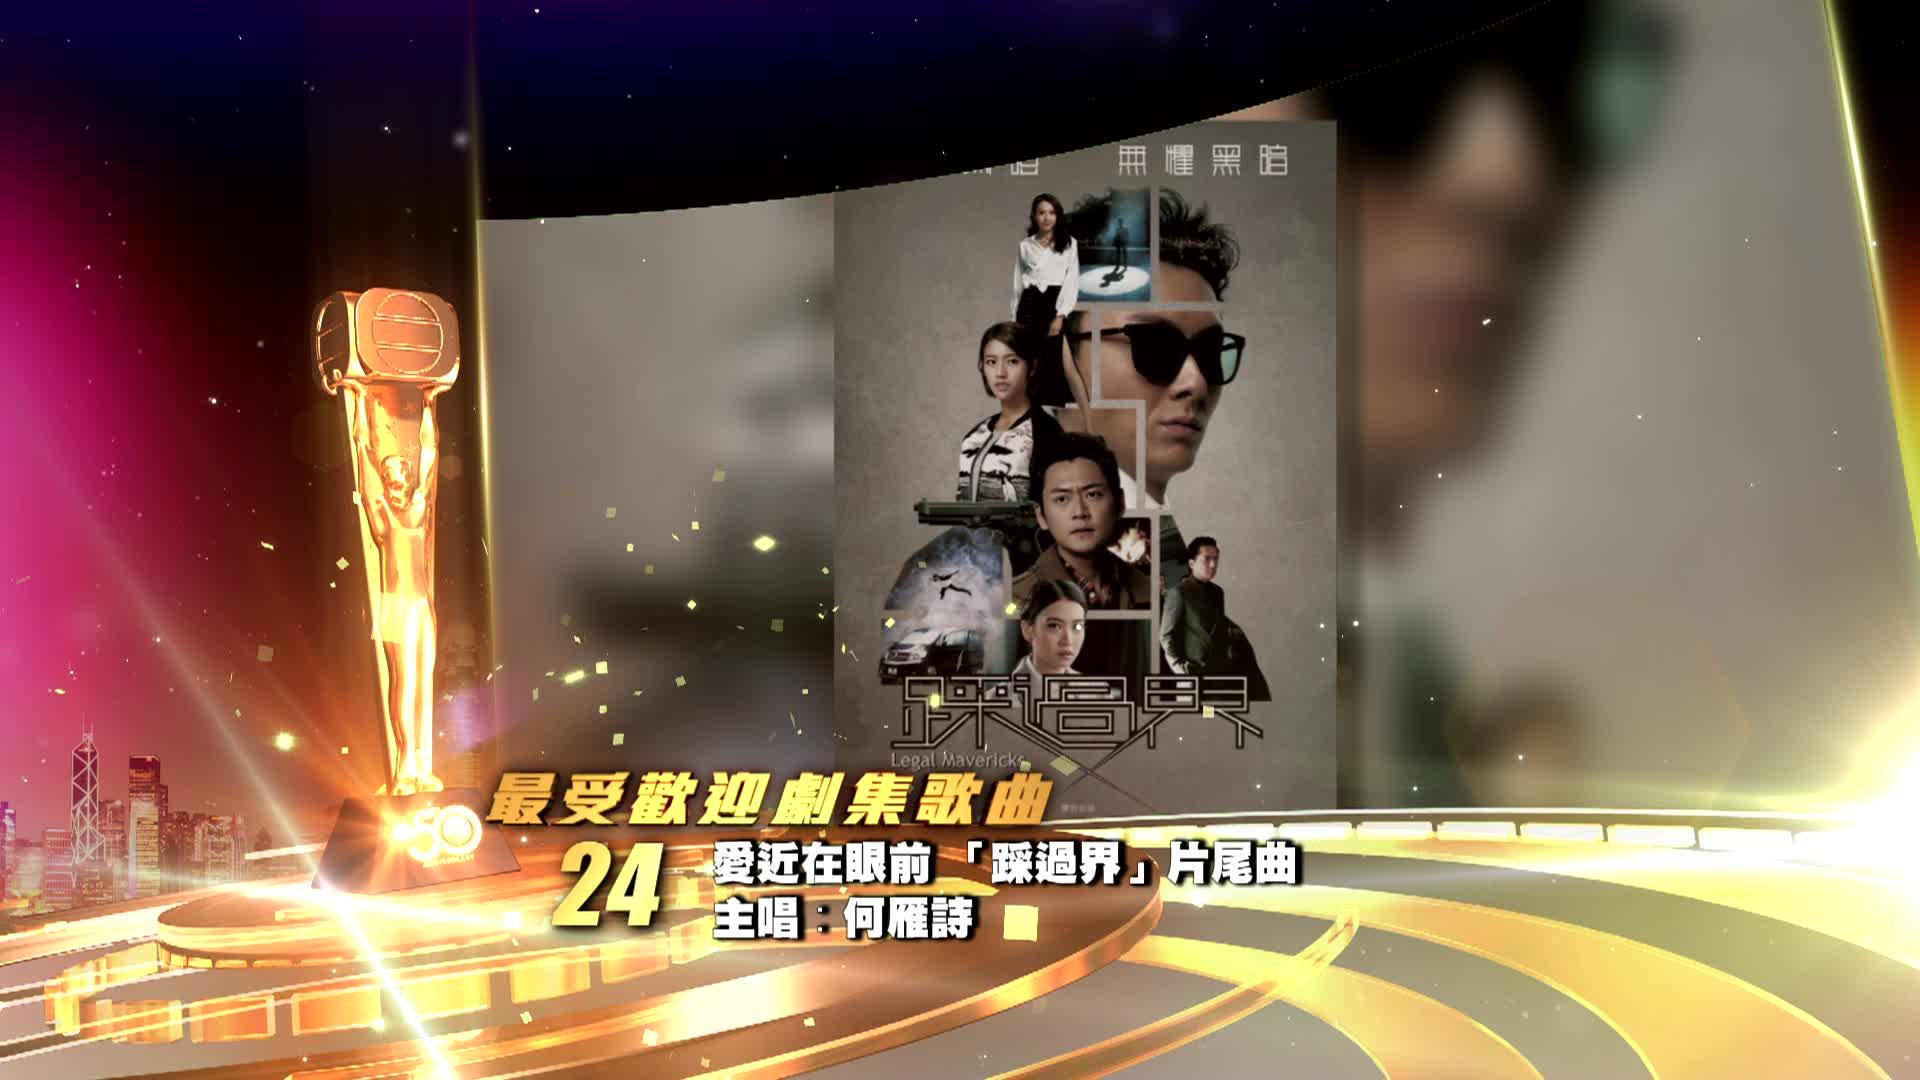 24. 何雁詩-愛近在眼前《踩過界》片尾曲